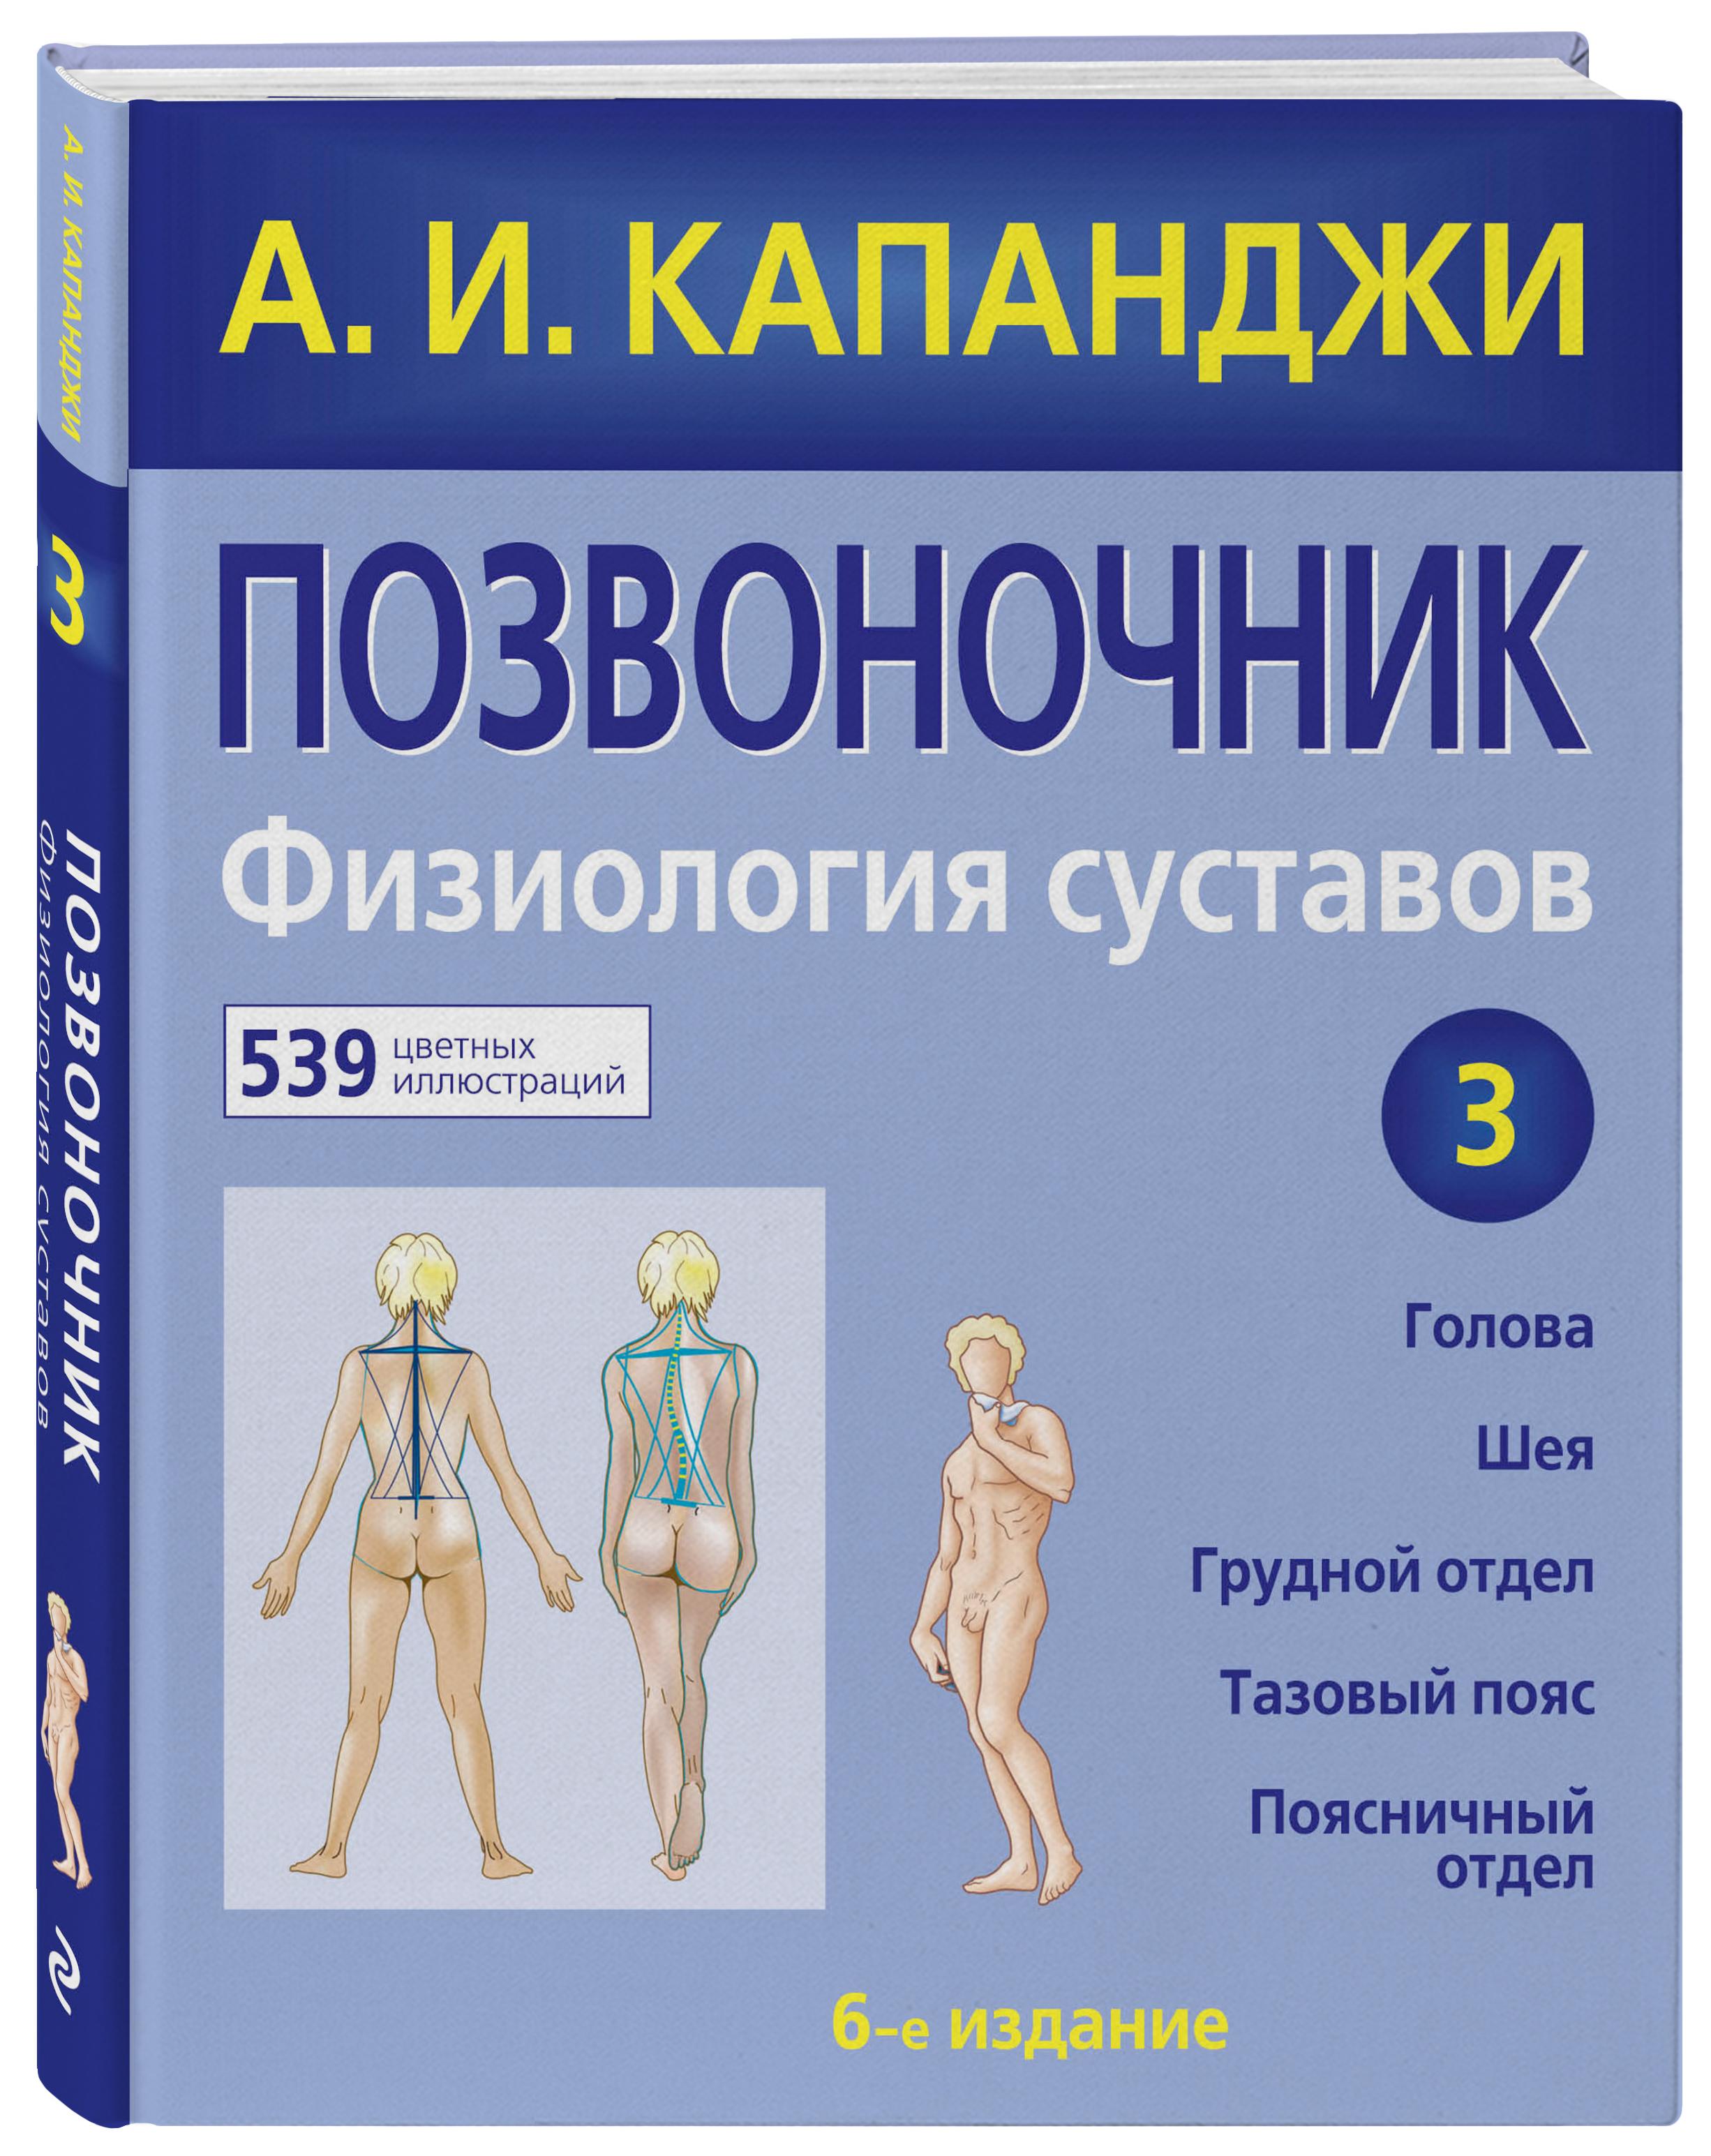 Капанджи А.И. Позвоночник: Физиология суставов книги эксмо верхняя конечность физиология суставов